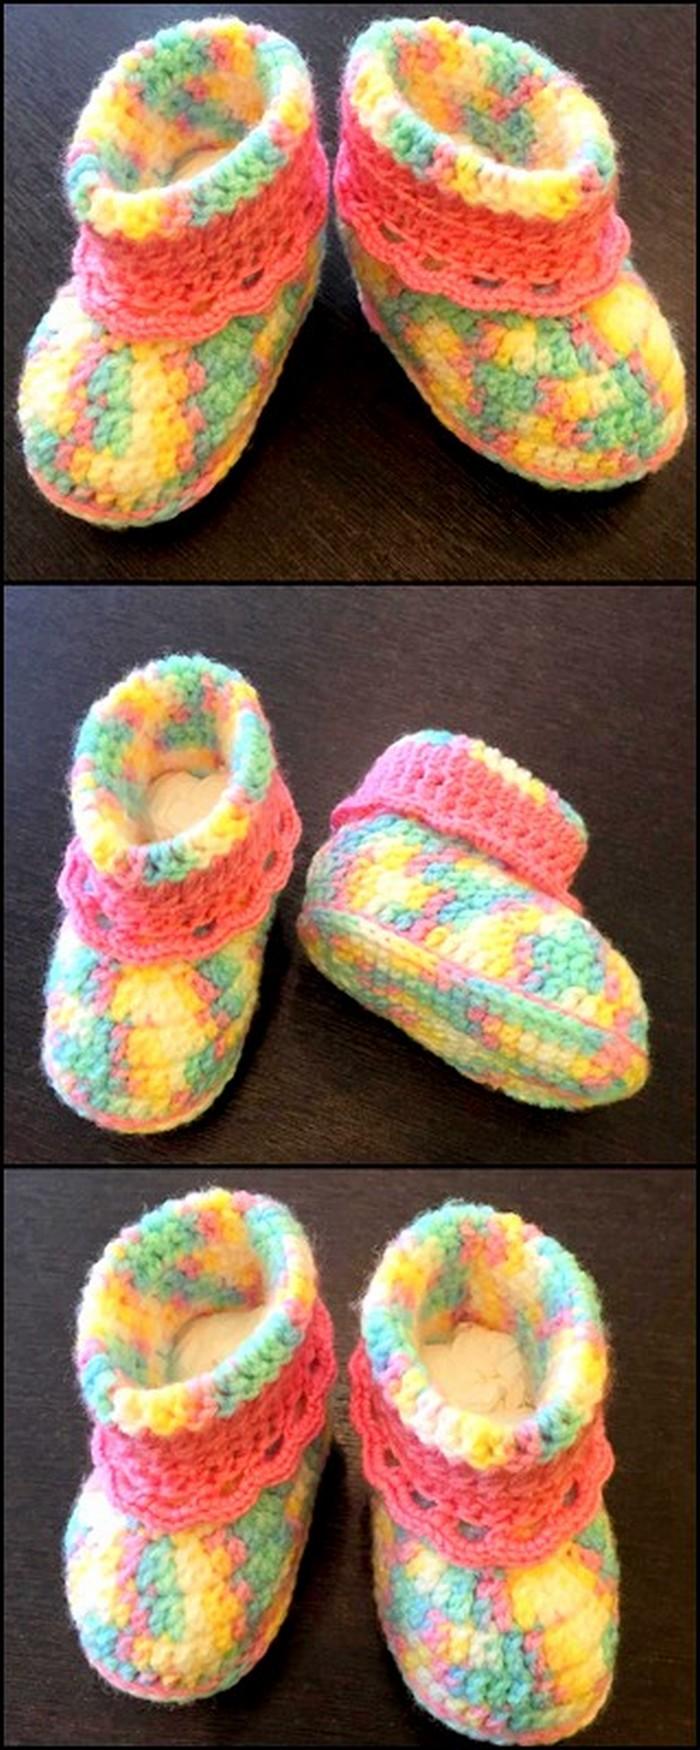 colorful crochet shoes idea